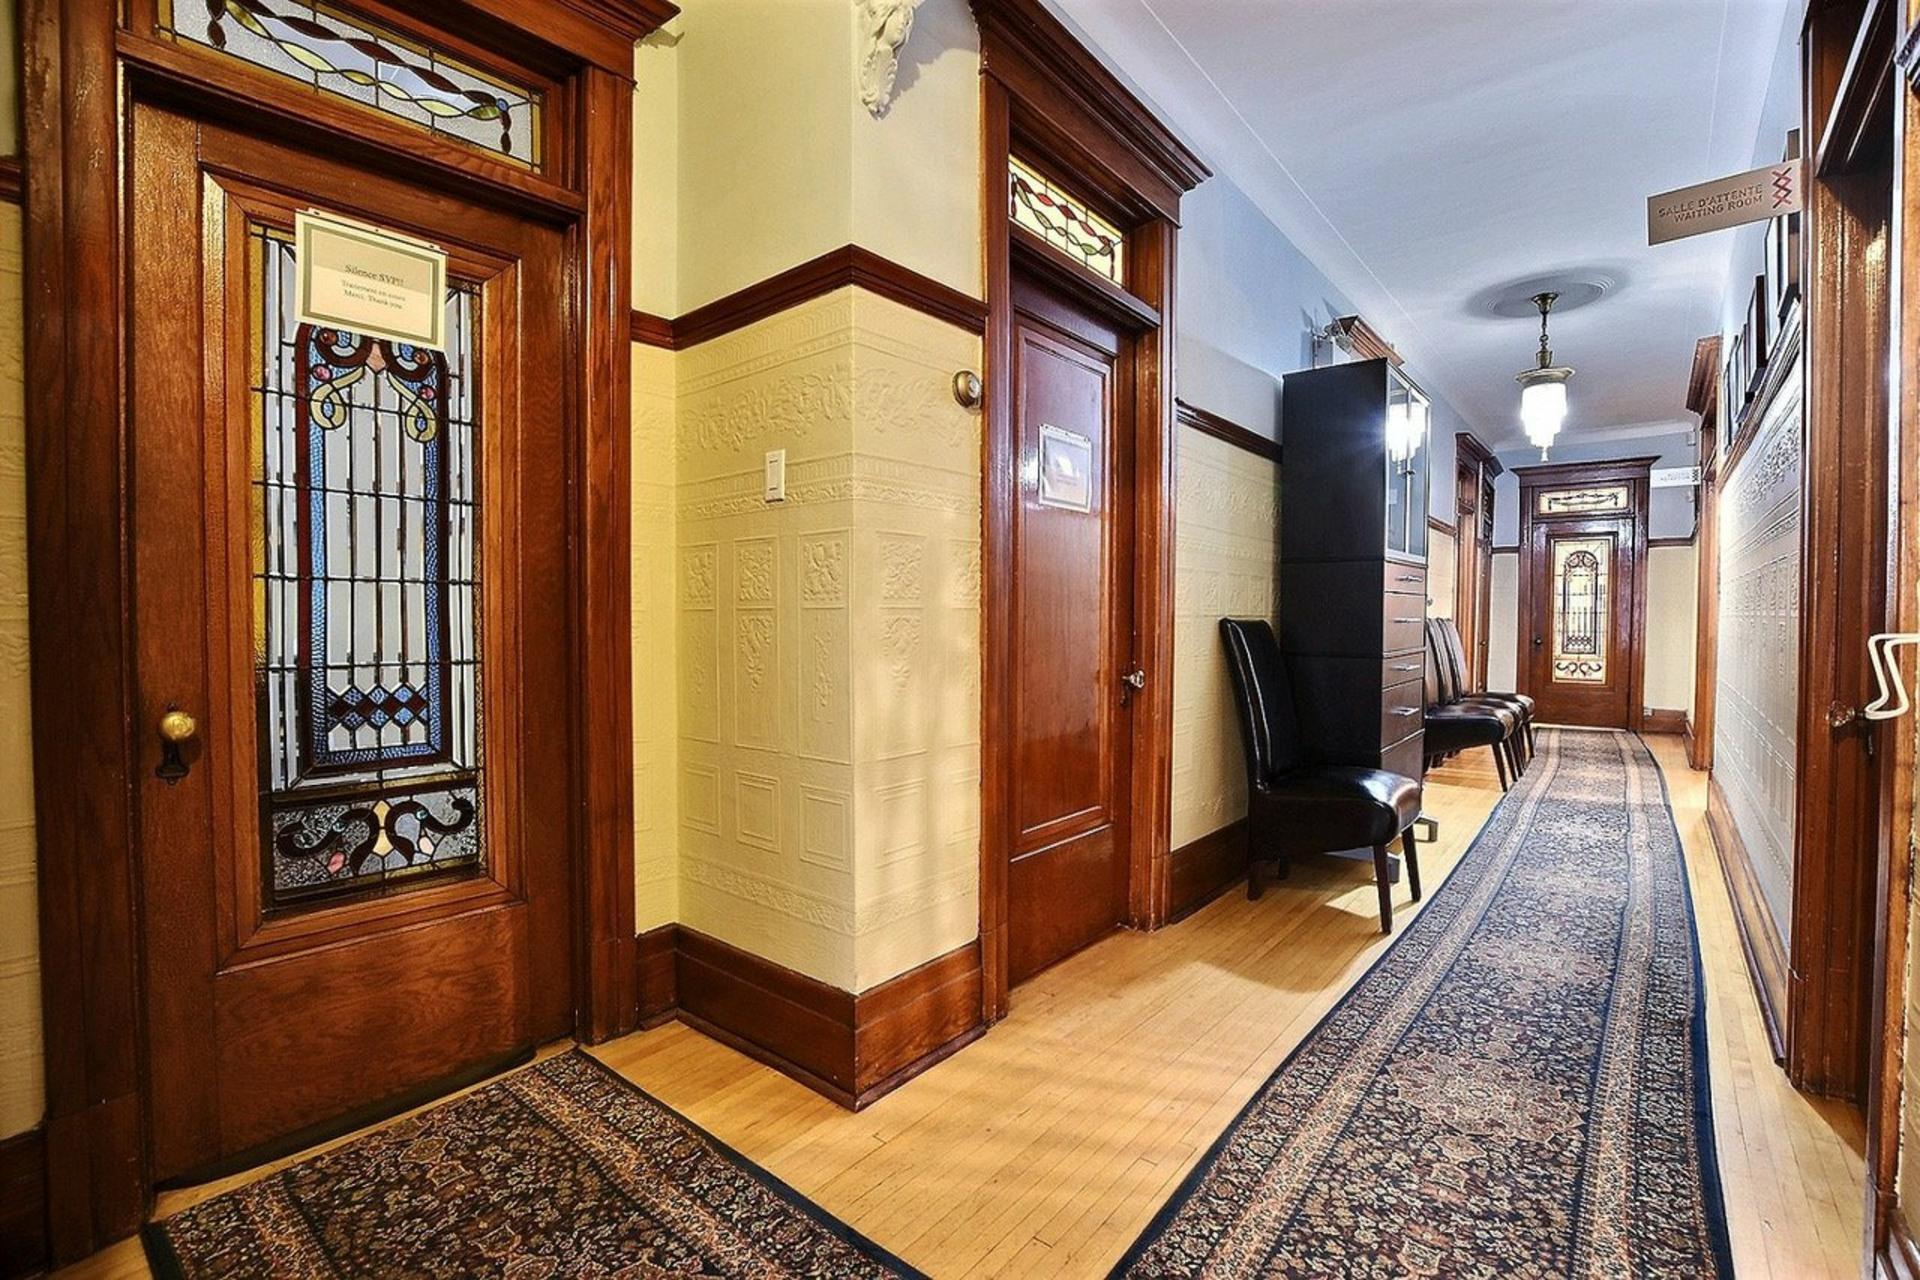 image 2 - Immeuble à revenus À vendre Le Plateau-Mont-Royal Montréal  - 4 pièces